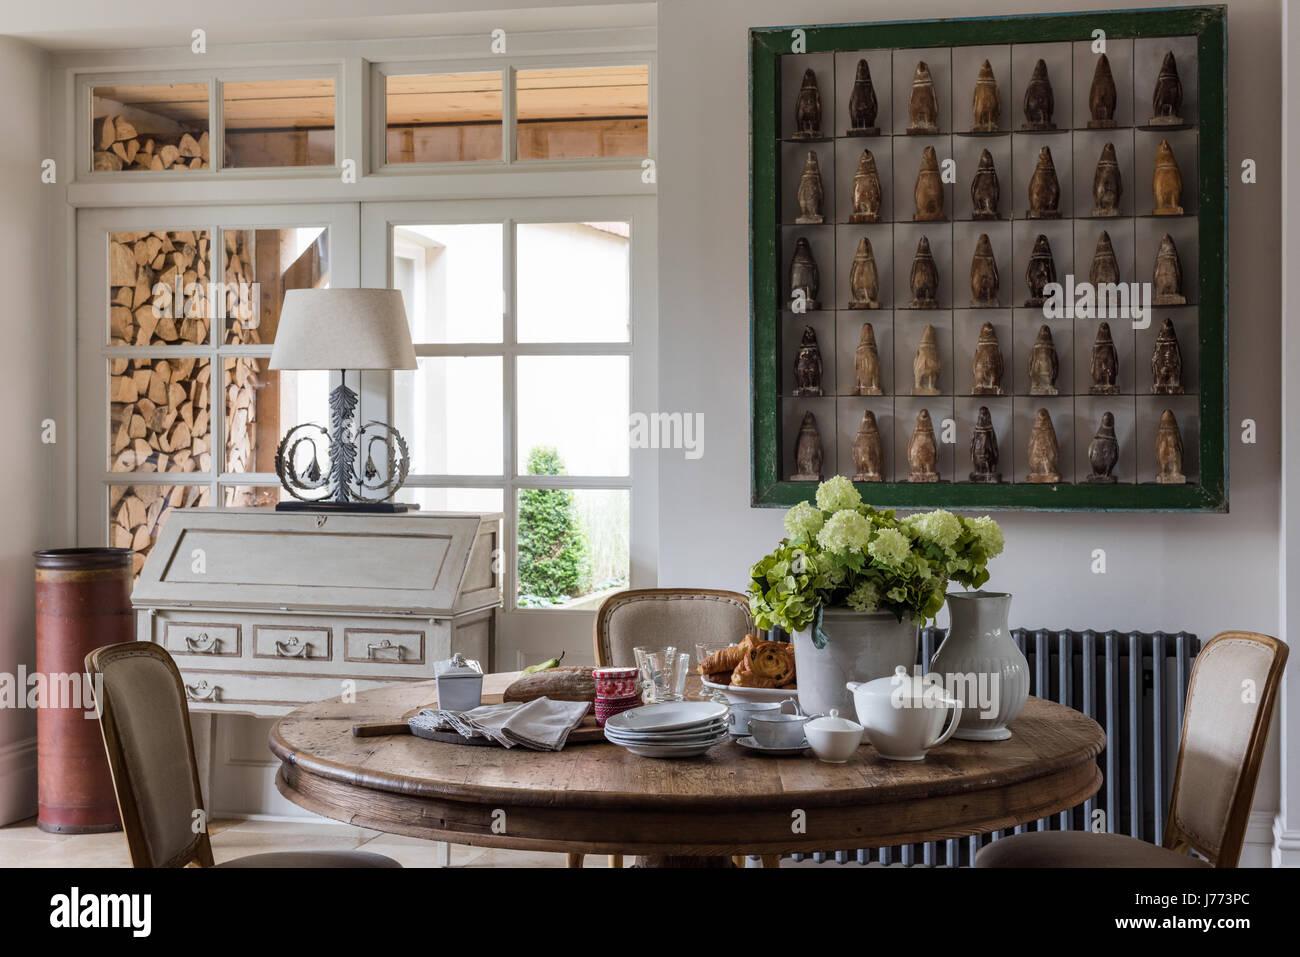 Penguin firgurines affiché dans un cadre vert gras sur le mur de cuisine. Le bureau, la lampe et la table circulaire Photo Stock